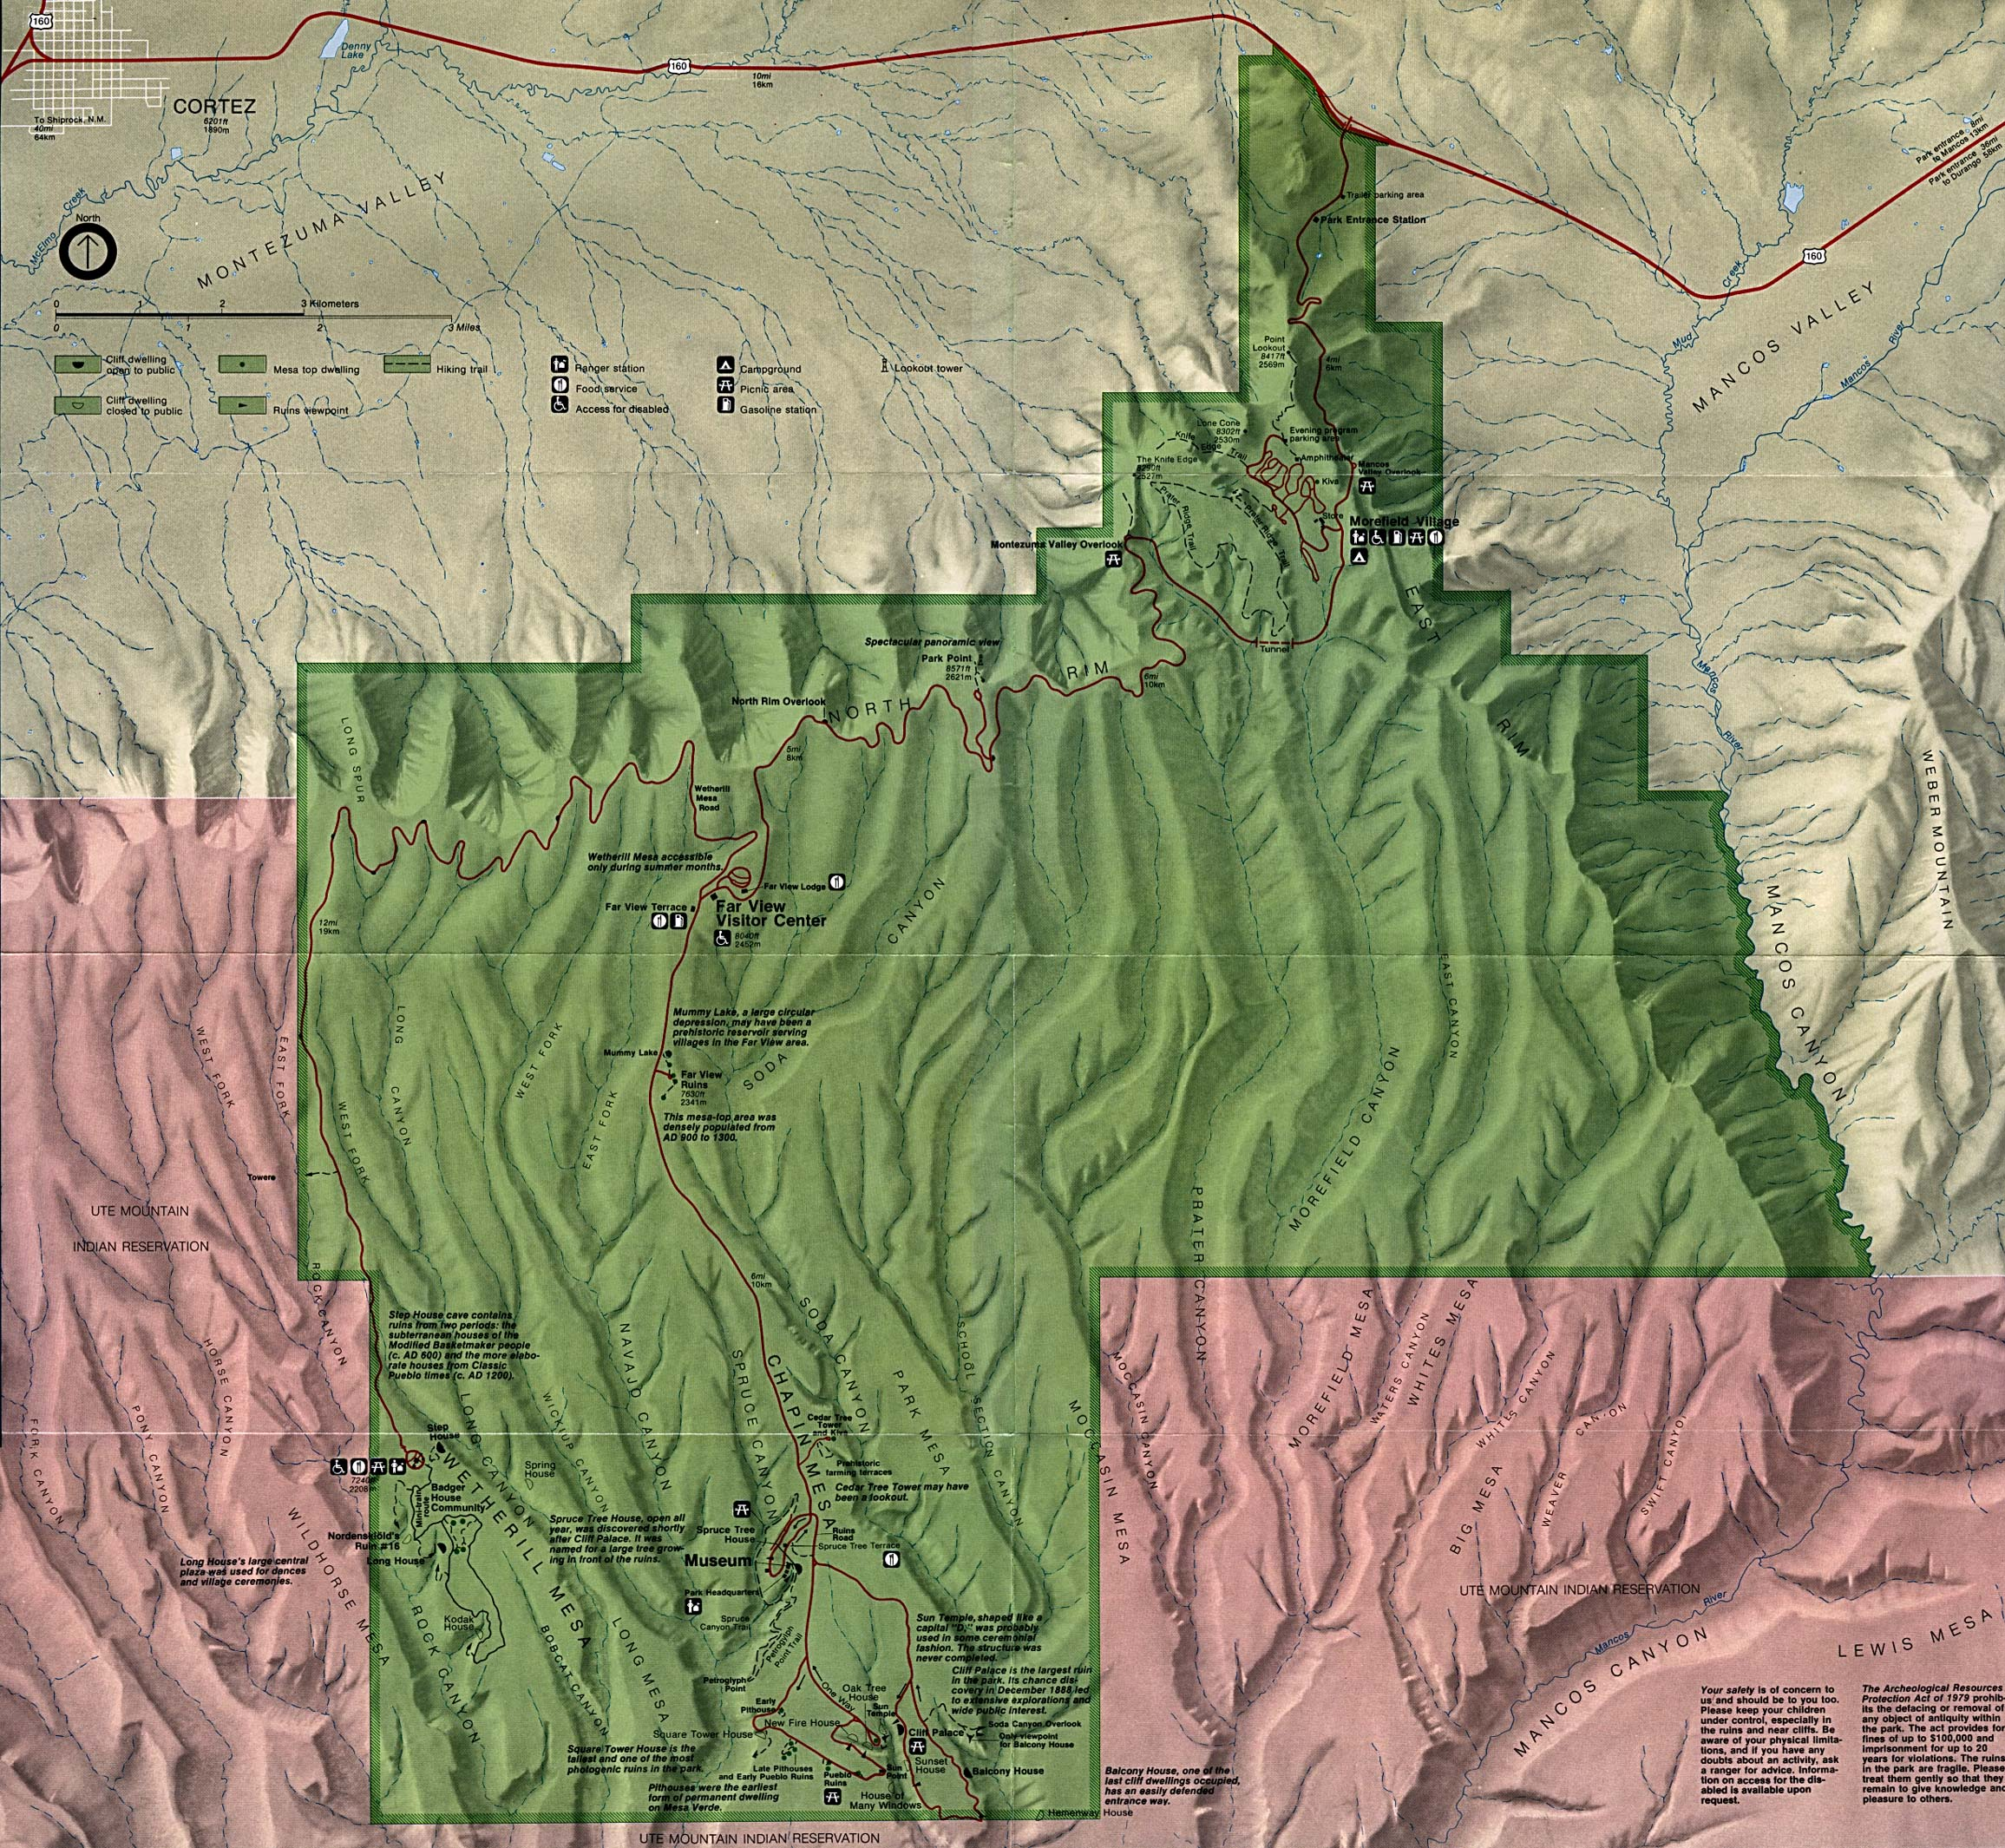 Mapa del Parque Nacional Mesa Verde, Colorado, Estados Unidos